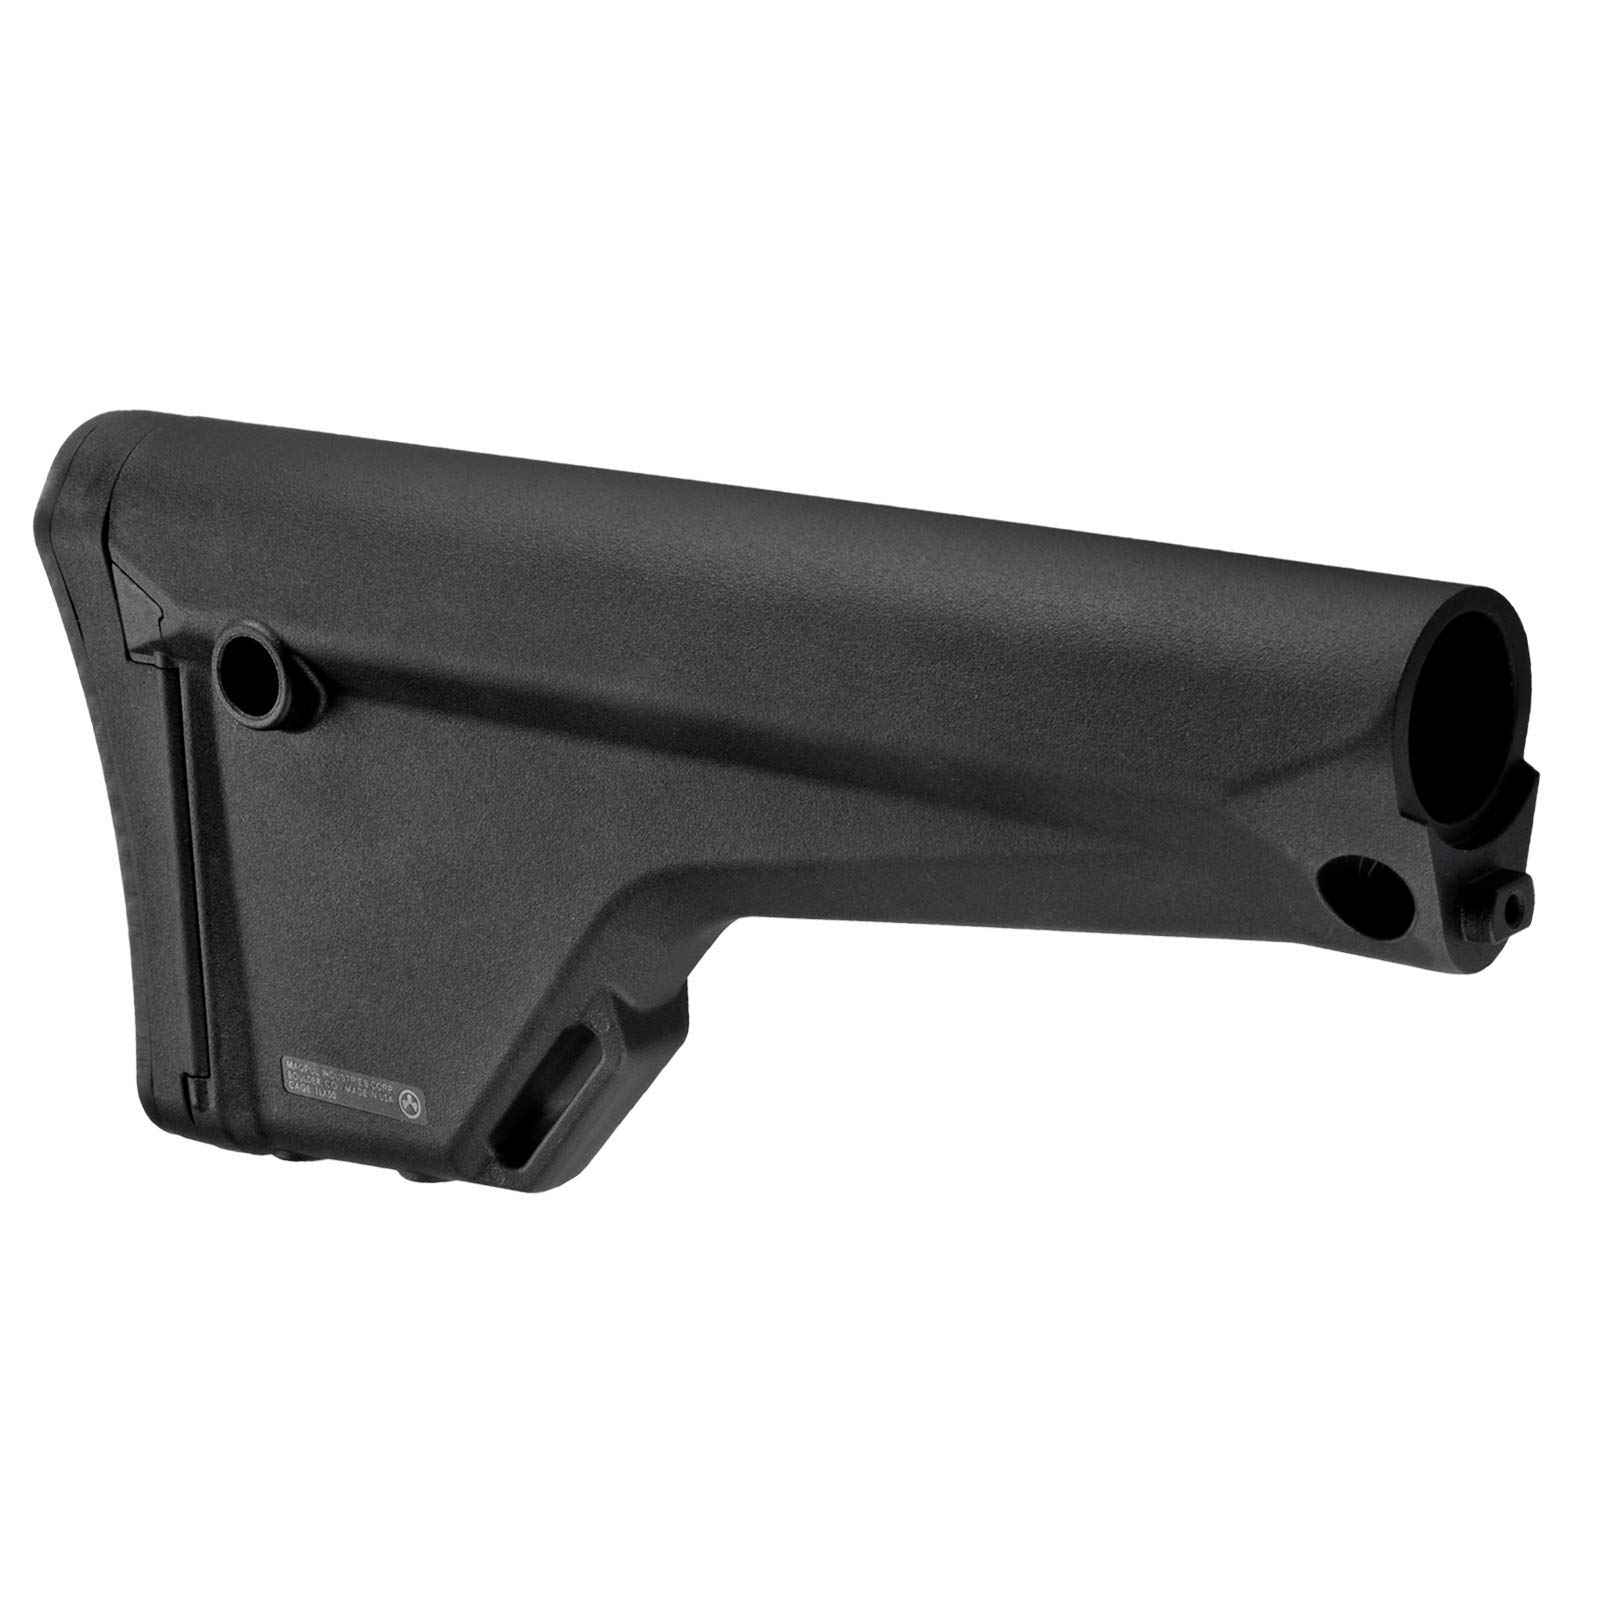 Magpul MOE Rifle Stock, Black by Magpul